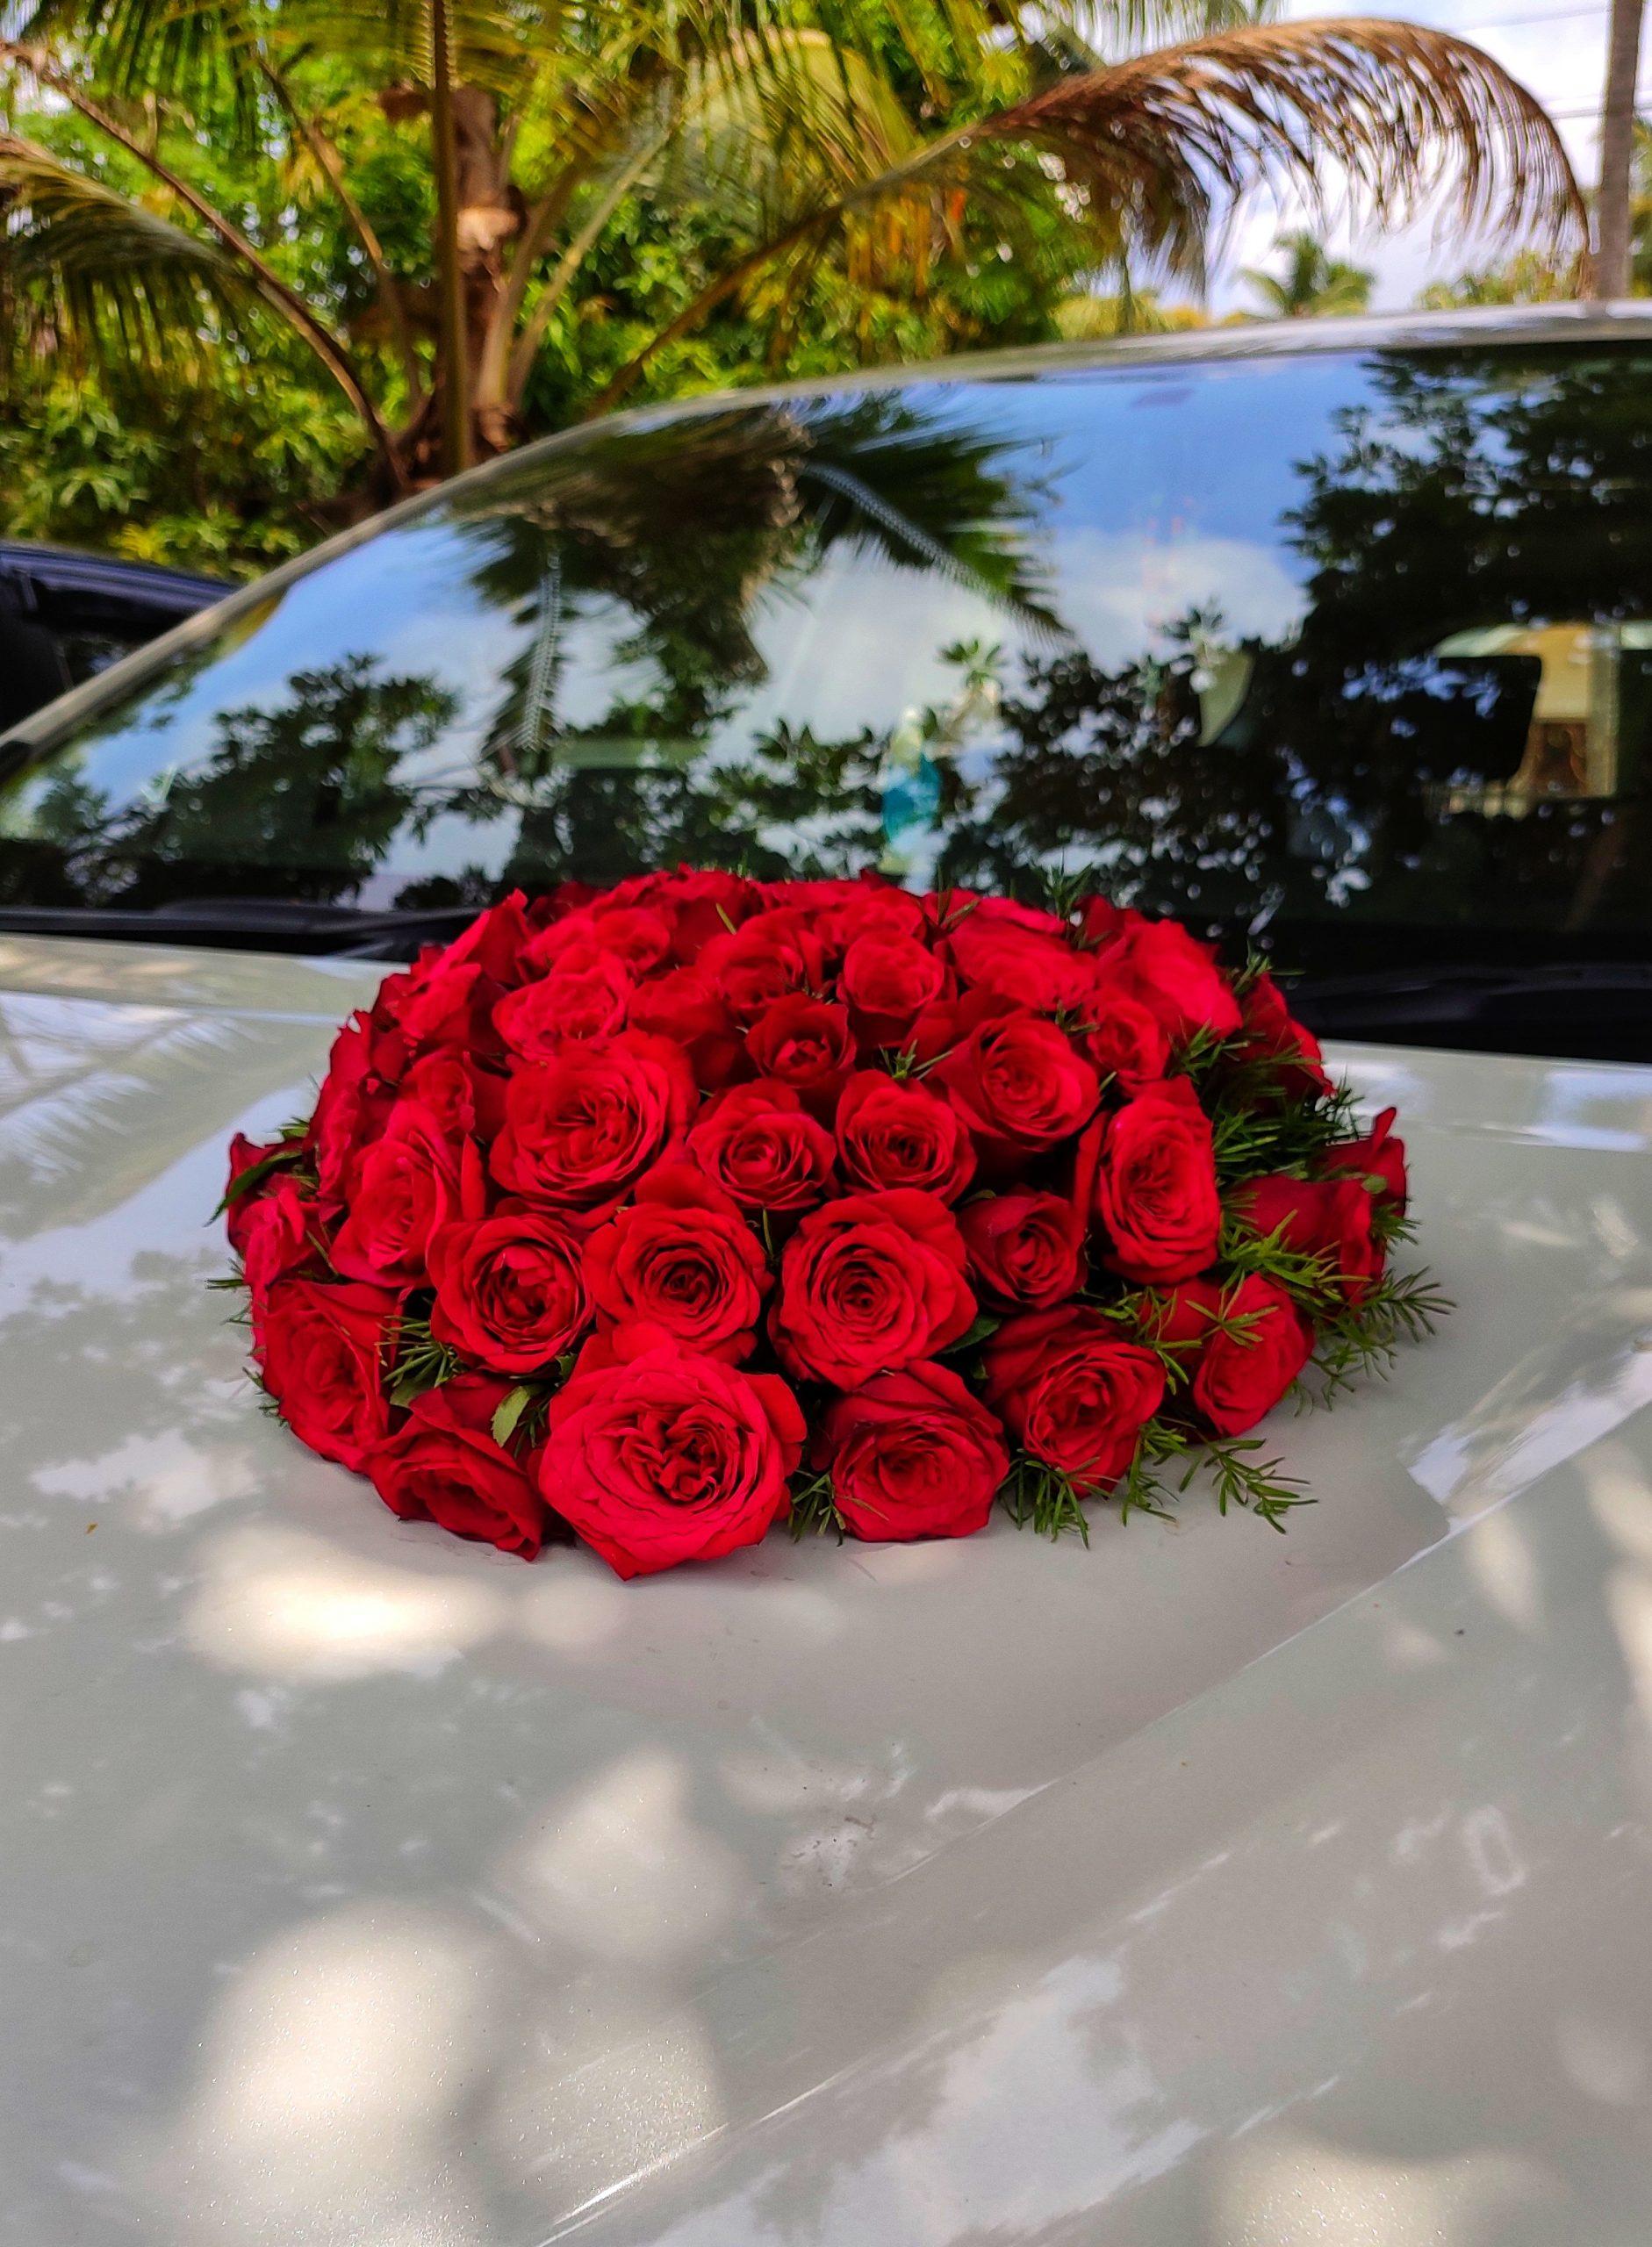 bouquet of roses on a car bonnet